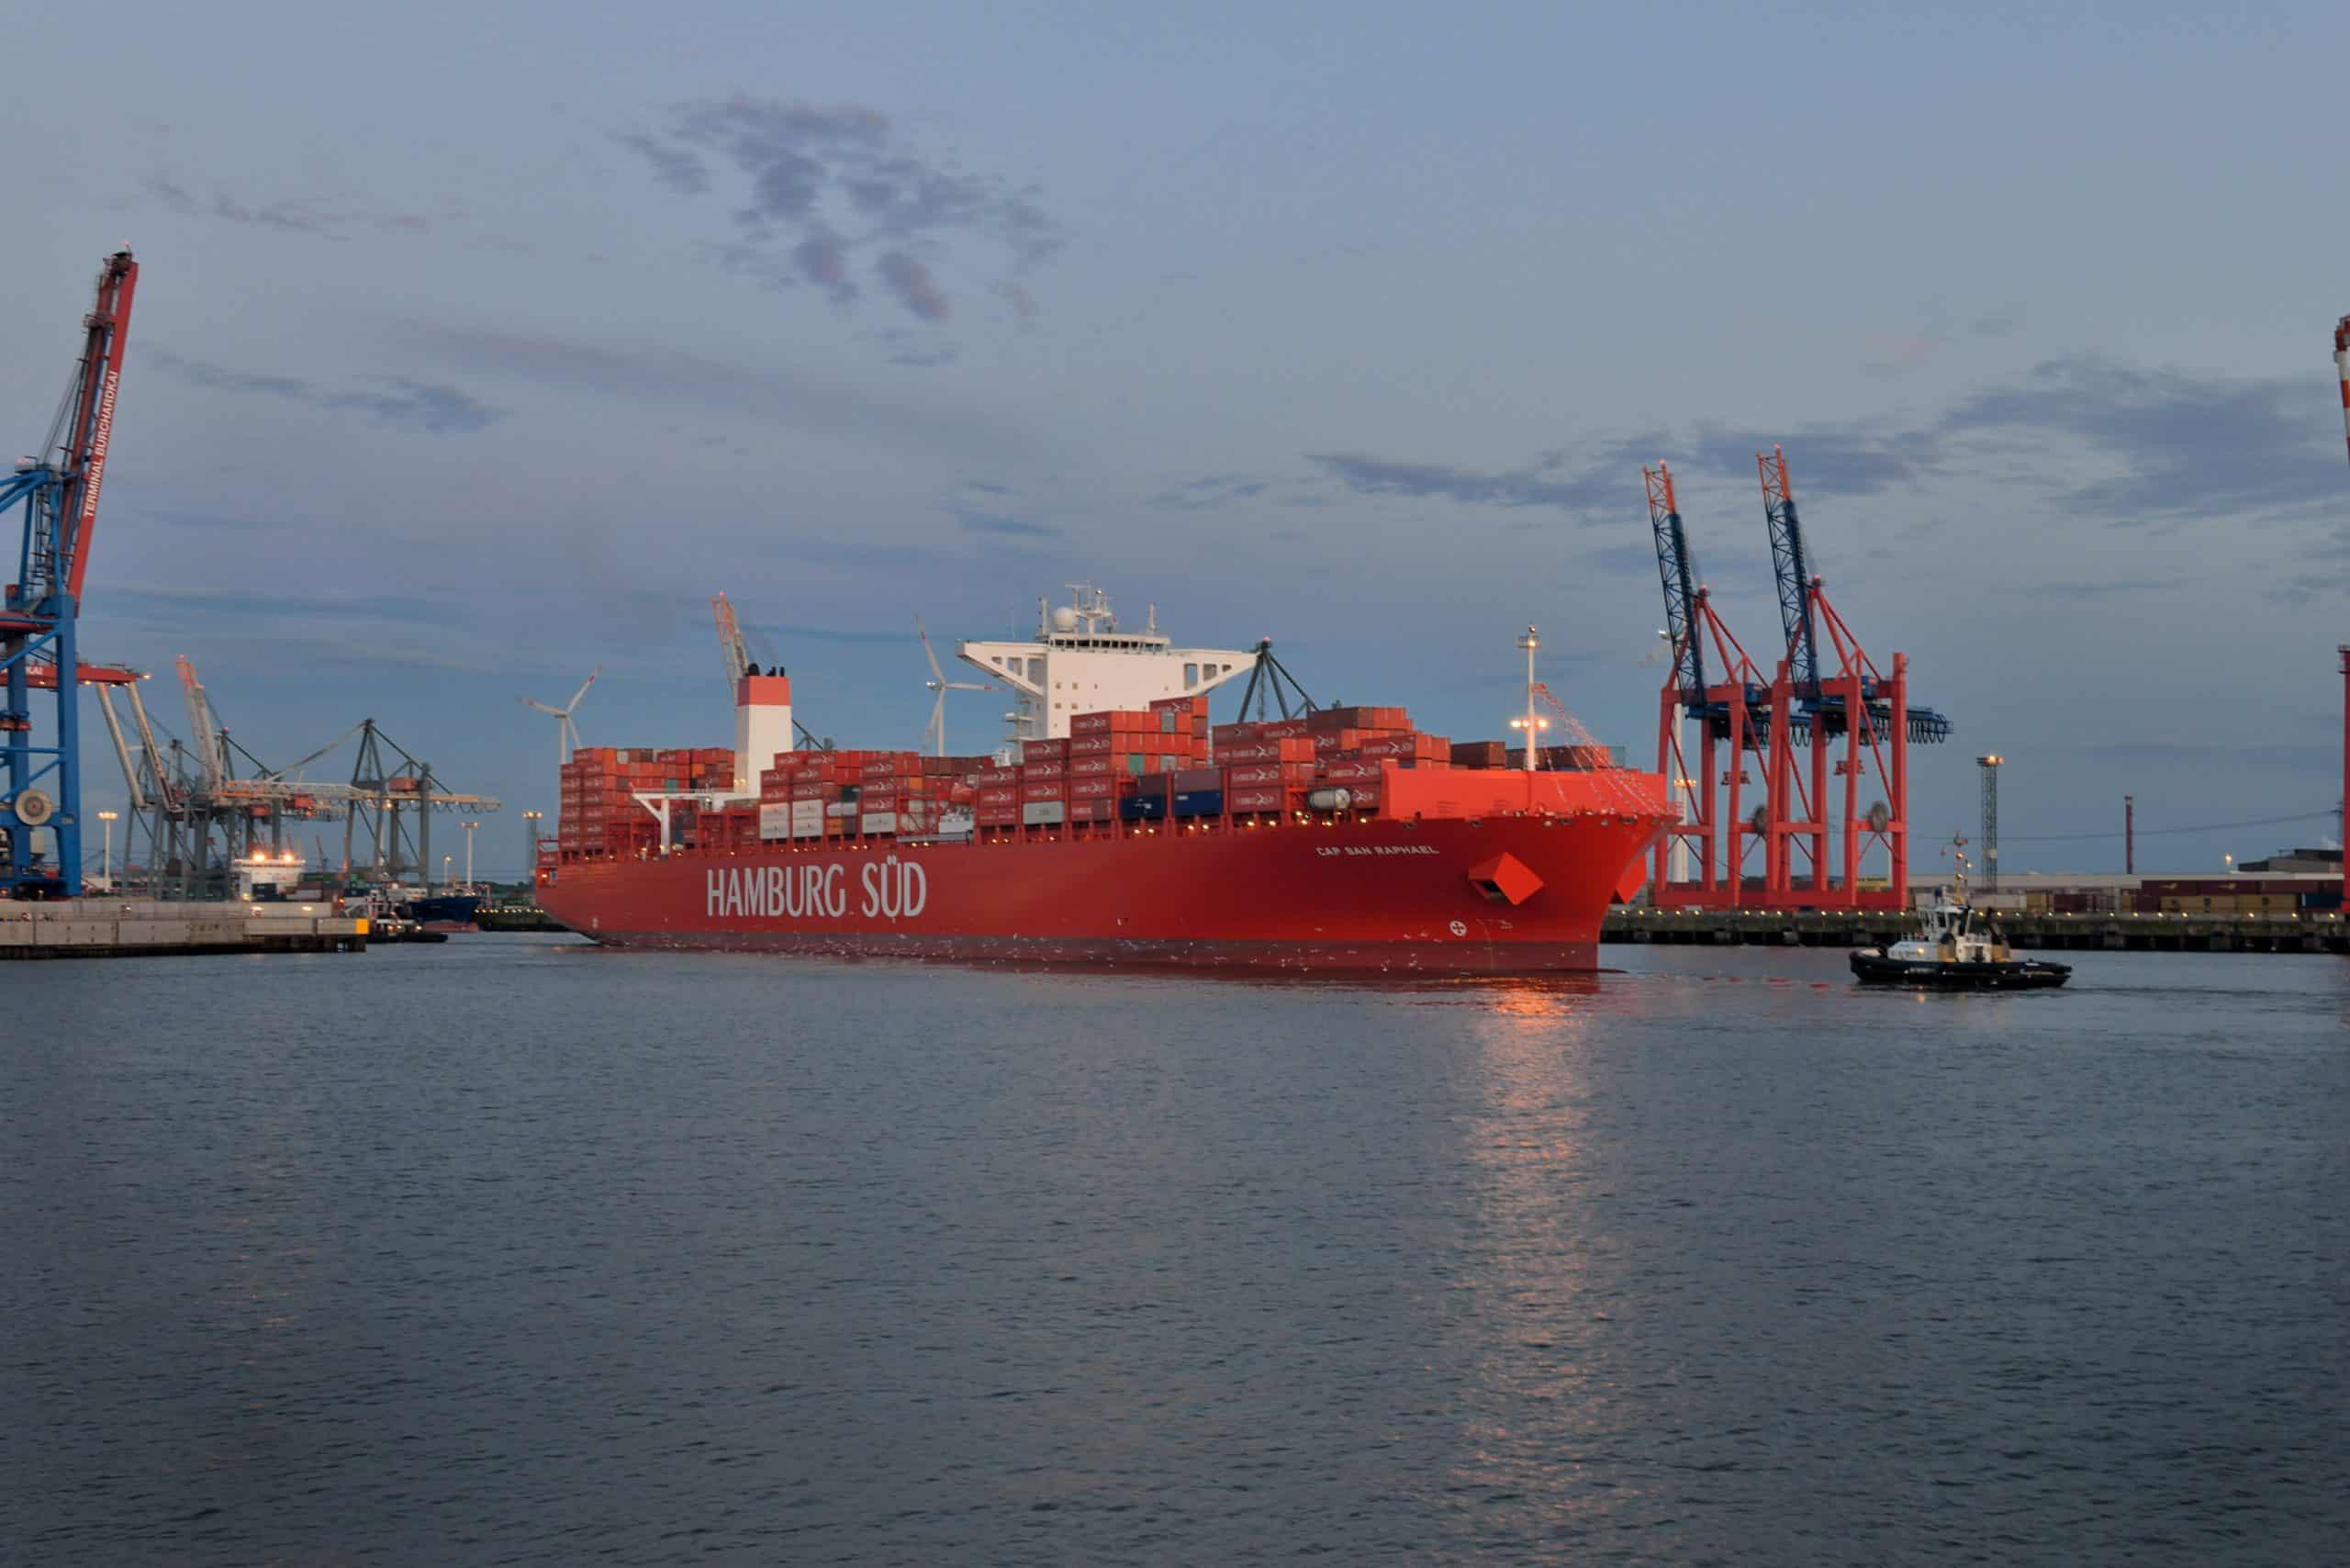 Hamburg Süd explains 'less than satisfactory' performance